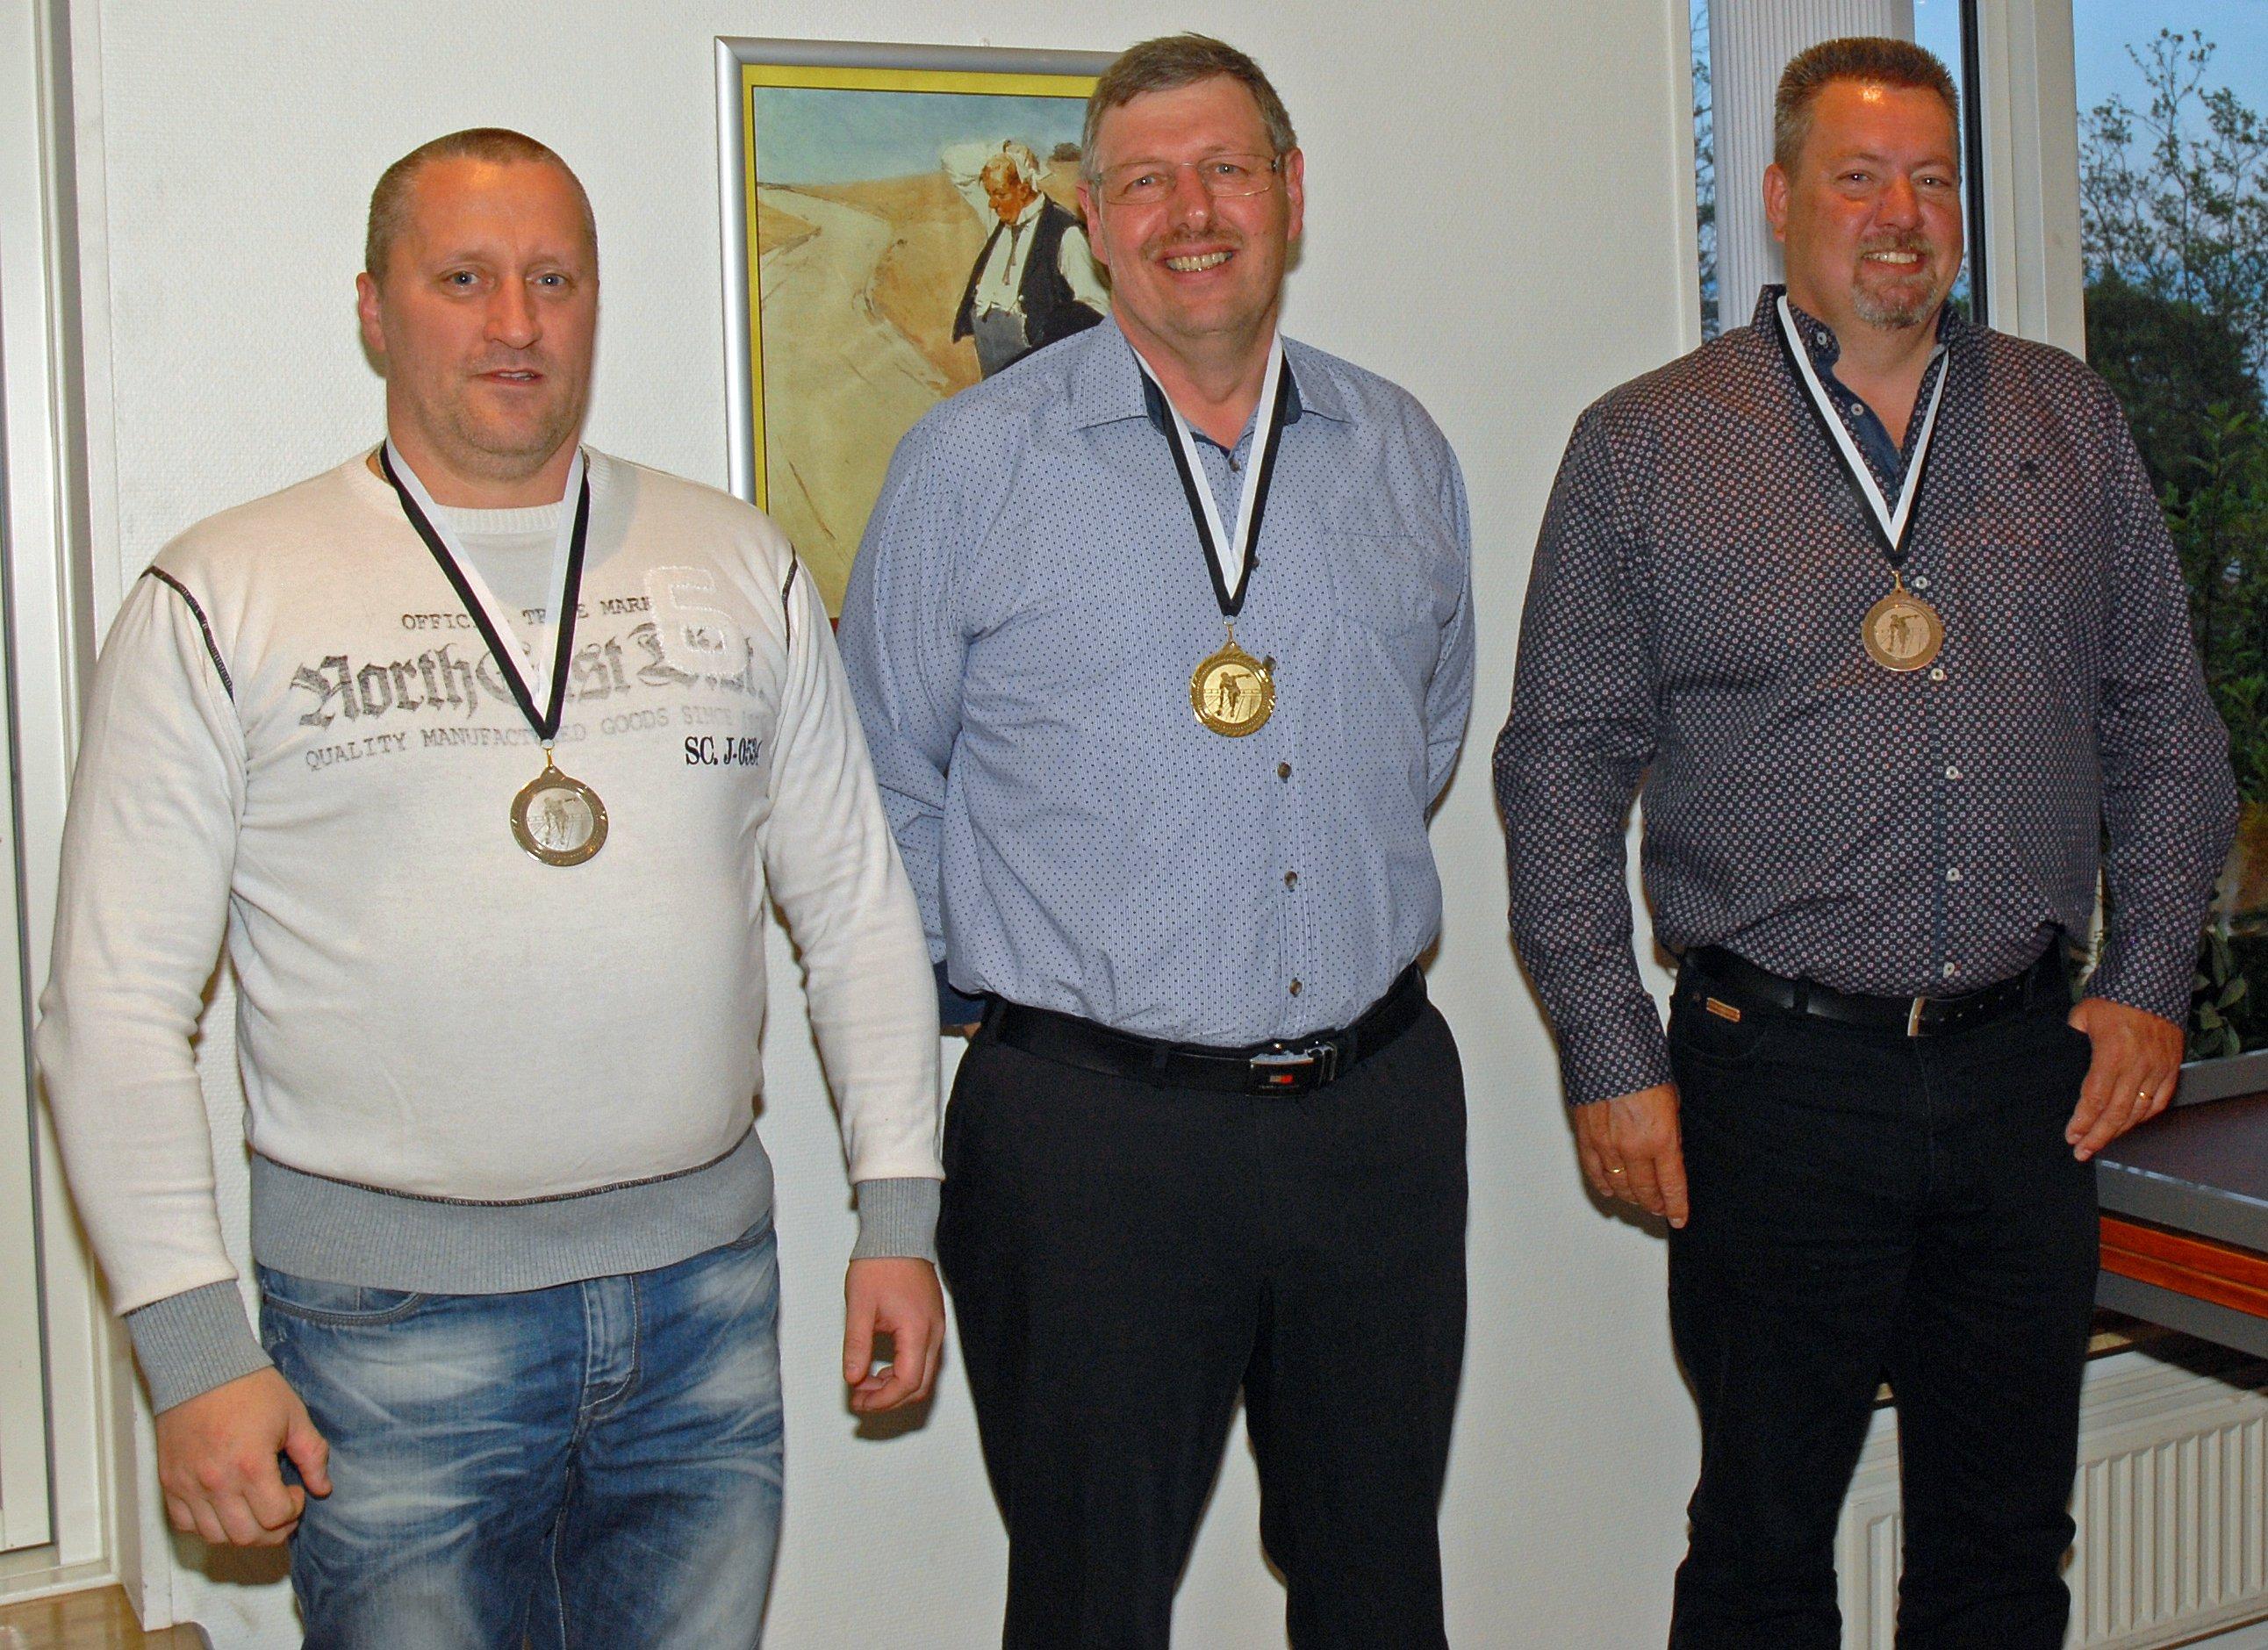 Klubmesterskab 2015. Herrer række A. Guld til Per L Sørensen, Sølv til Martin Reuther og Bronze til Klaus Hansen